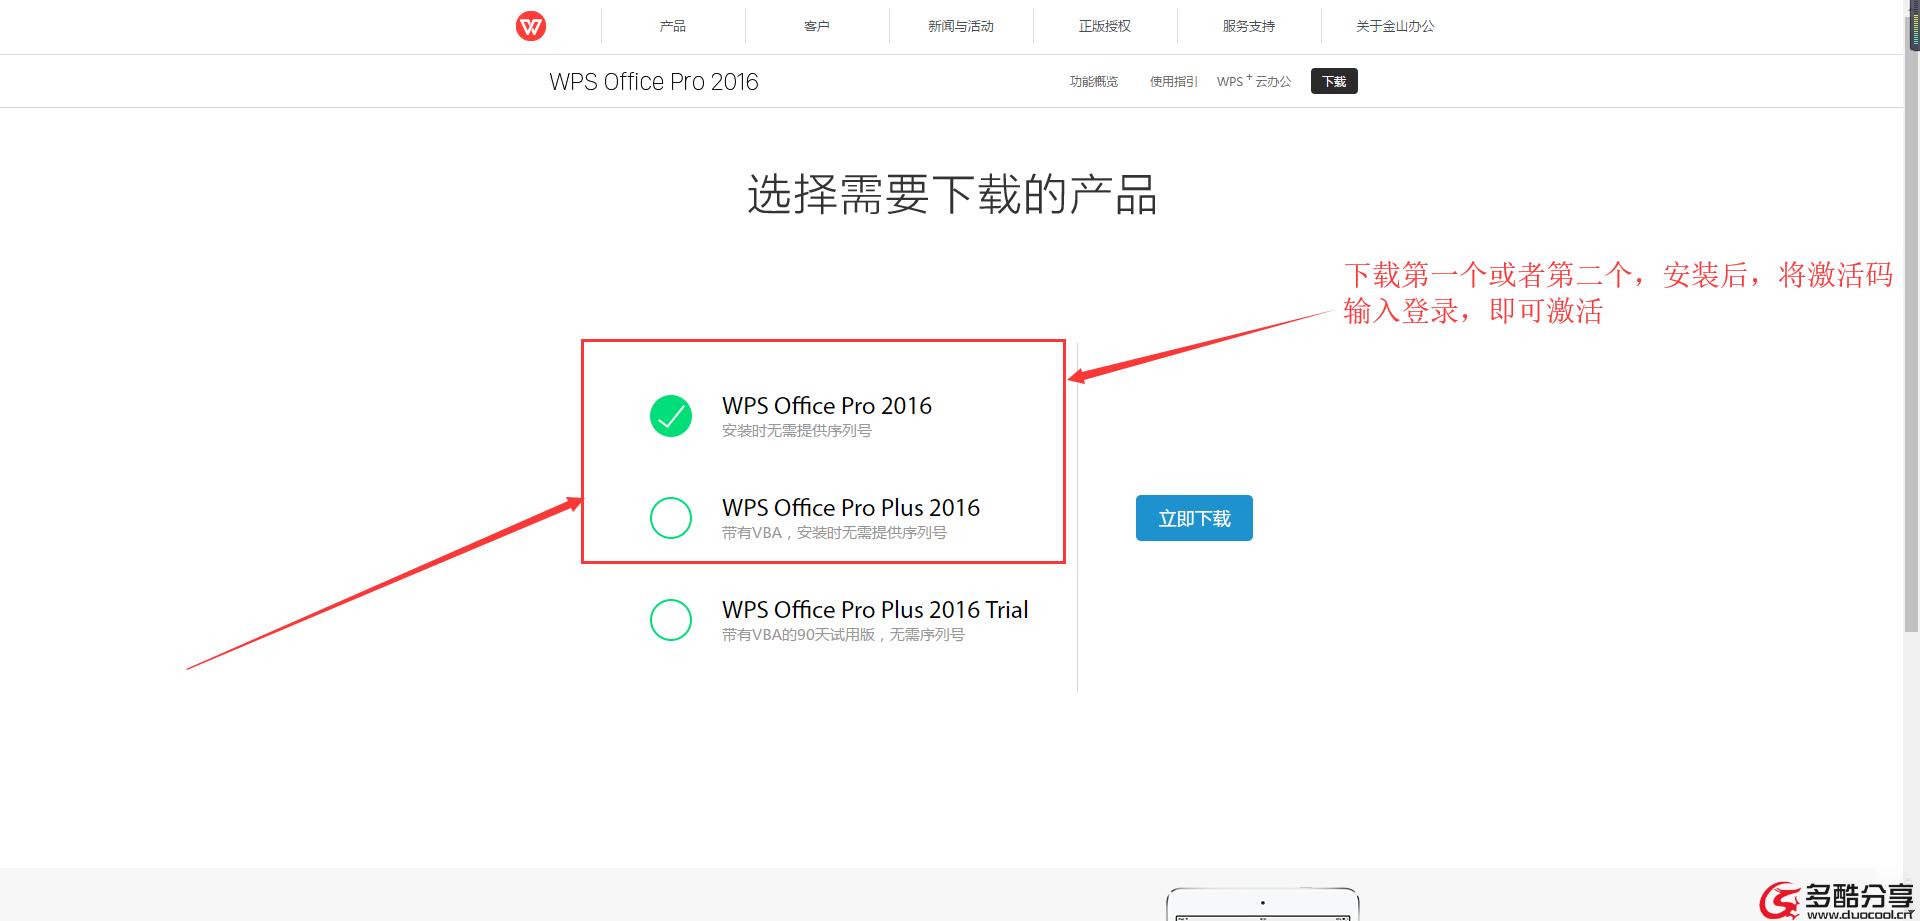 【激活码】WPS 正版激活码 ,官方下载直接激活!--多酷分享(Www.DuoCooL.Cn)